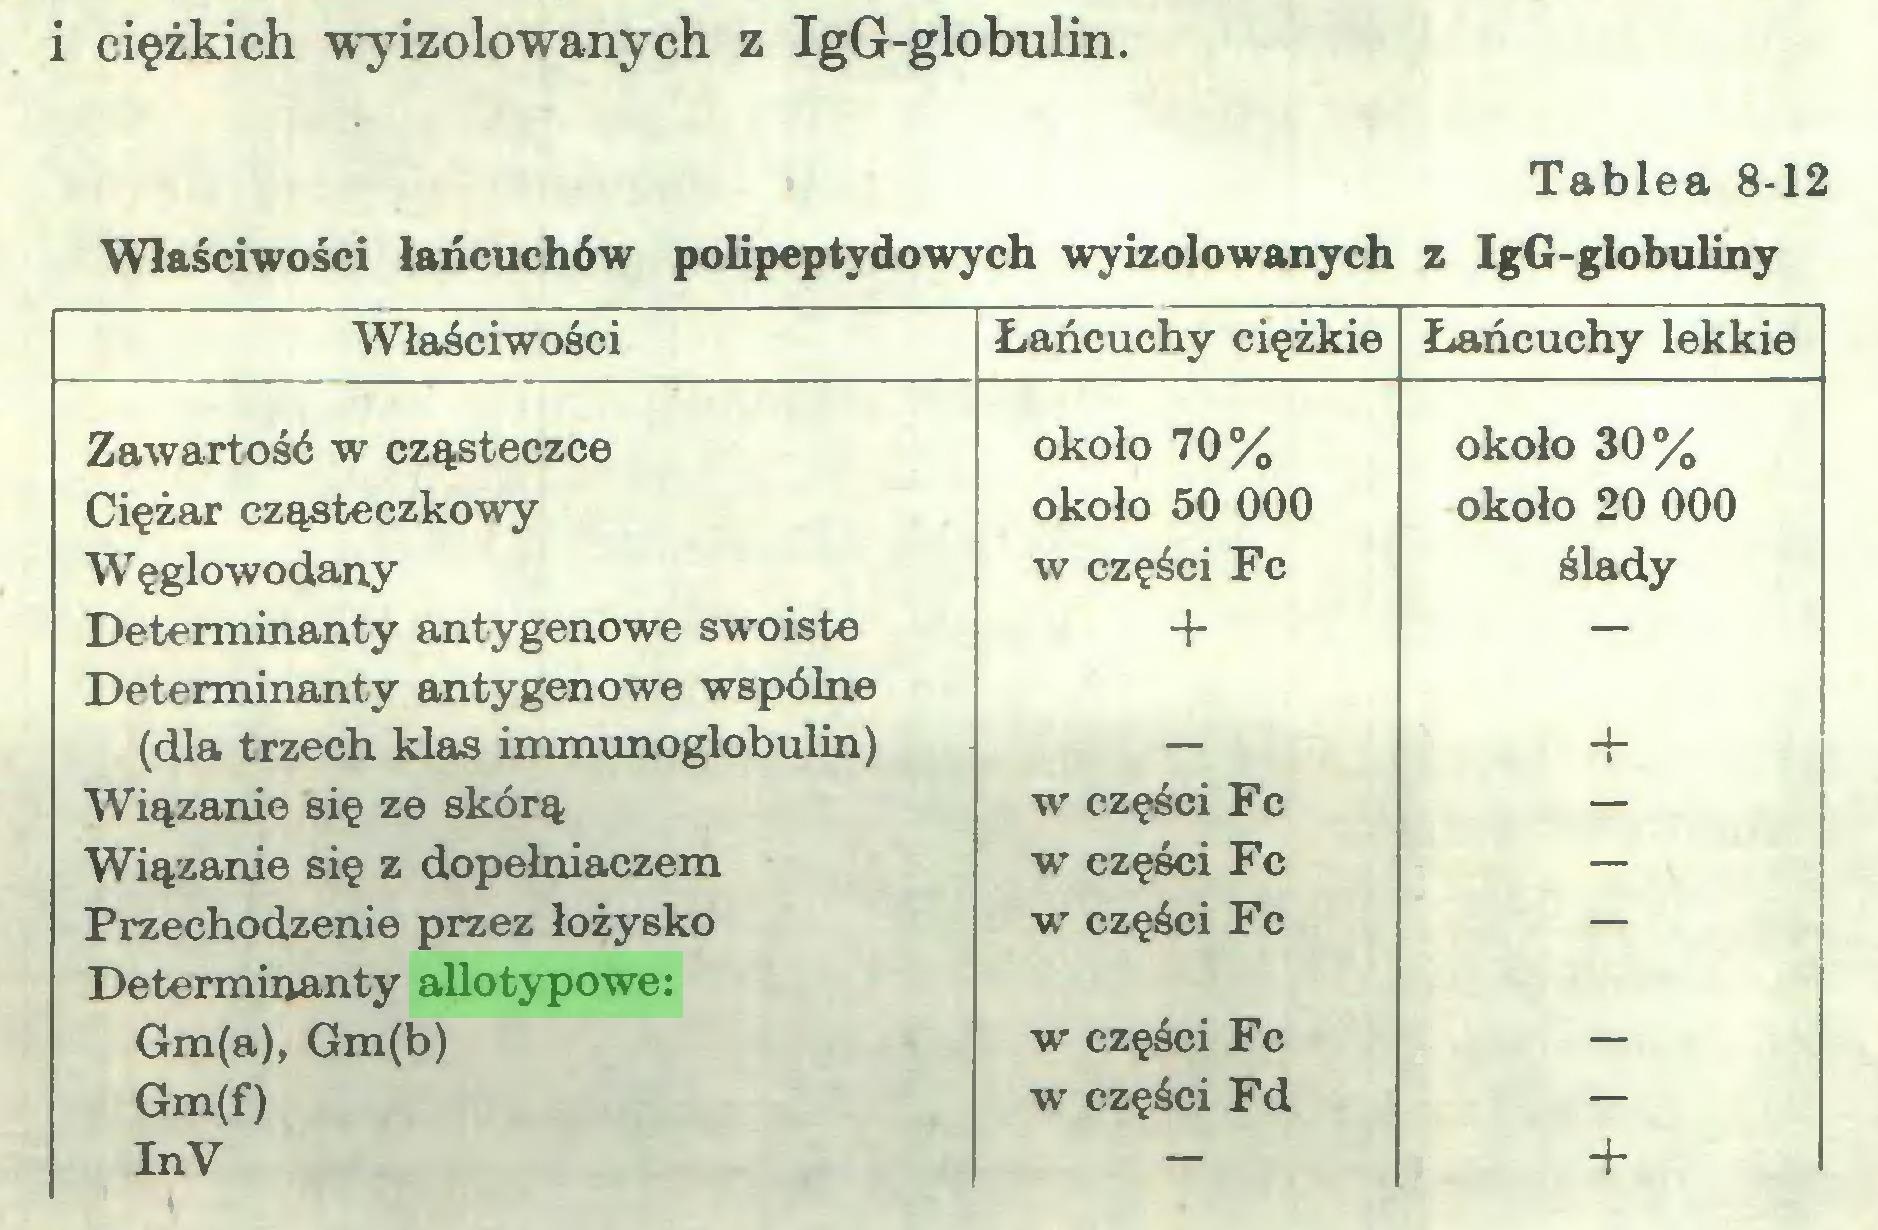 (...) i ciężkich wyizolowanych z IgG-globulin. Tablea 8-12 Właściwości łańcuchów polipeptydowych wyizolowanych z IgG-globuliny Właściwości Łańcuchy ciężkie Łańcuchy lekkie Zawartość w cząsteczce około 70% około 30% Ciężar cząsteczkowy około 50 000 około 20 000 W ęglo wodany w części Fc ślady Determinanty antygenowe swoiste + — Determinanty antygenowe wspólne (dla trzech klas immunoglobulin)   + Wiązanie się ze skórą w części Fc — Wiązanie się z dopełniaczem w części Fc — Przechodzenie przez łożysko w części Fc — Determinanty allotypowe: Gm(a), Gm(b) w części Fc Gm(f) w części Fd — InV — +...